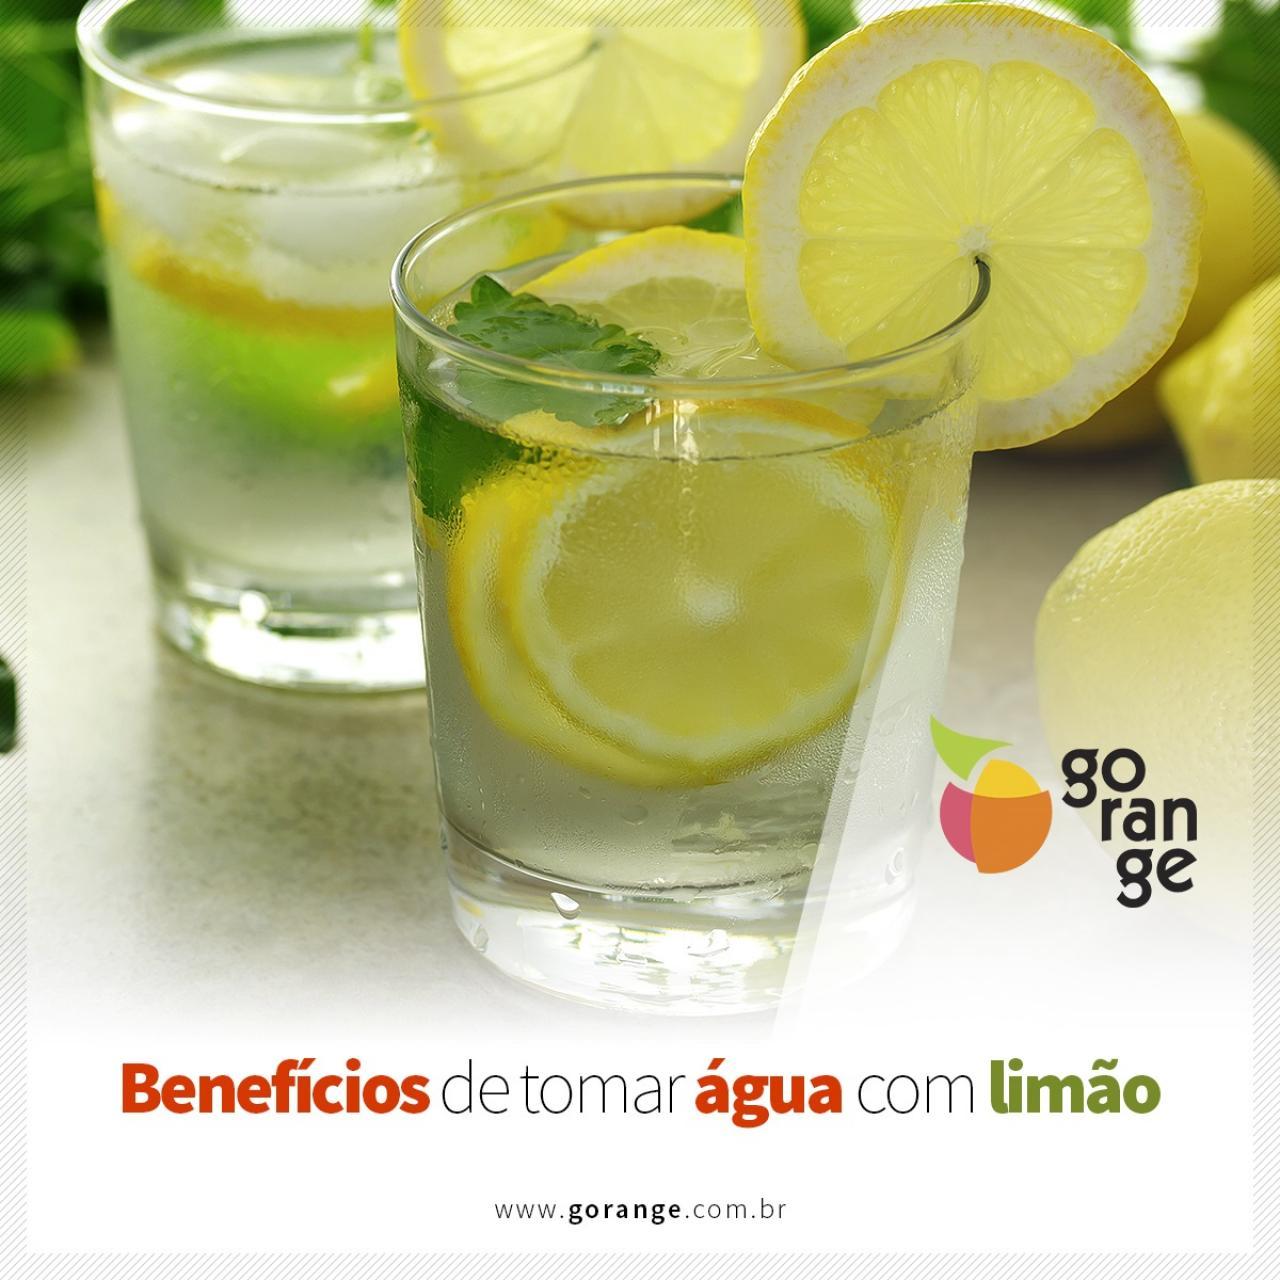 Benefícios de tomar água com limão